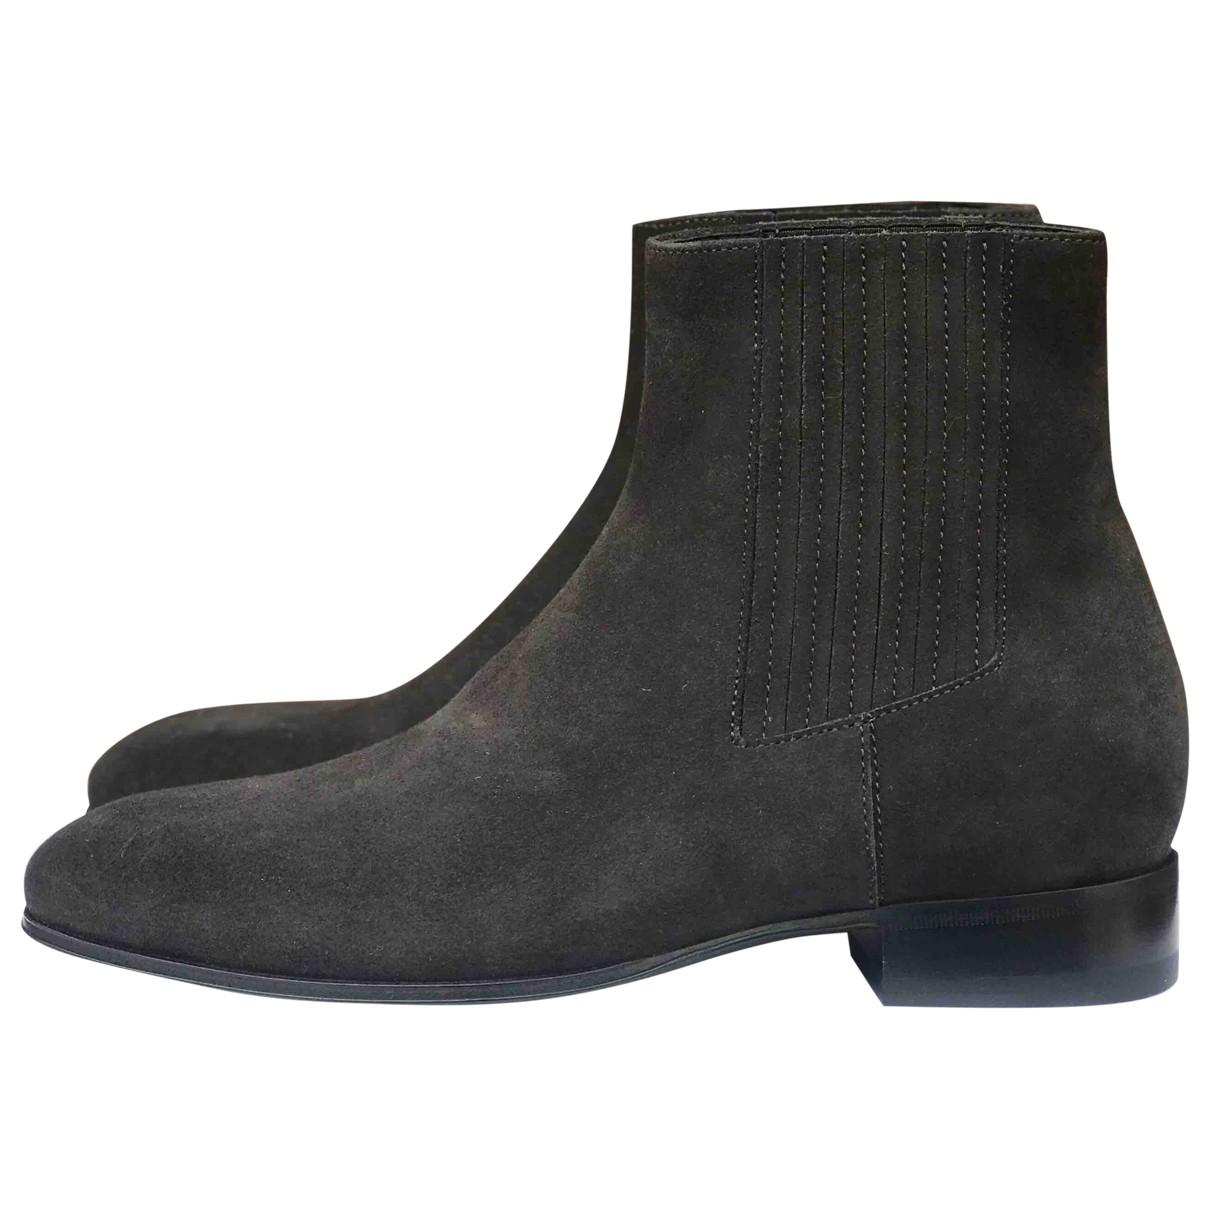 Balenciaga - Bottes.Boots   pour homme en suede - noir